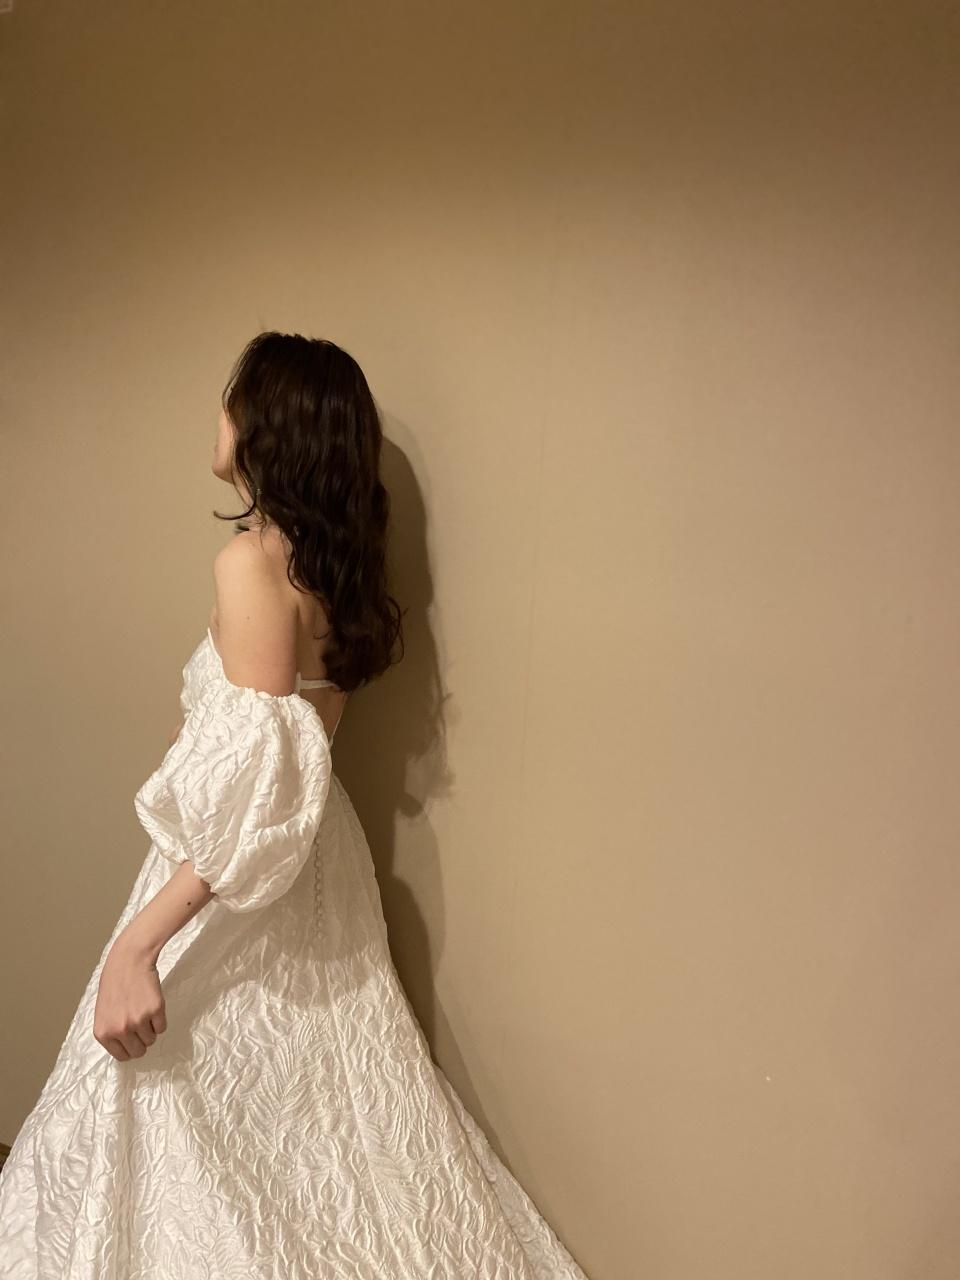 パフスリーブがトレンド感あふれるジャガード素材のウエディングドレスは、リラックスモードあふれるパーティーにおすすめ